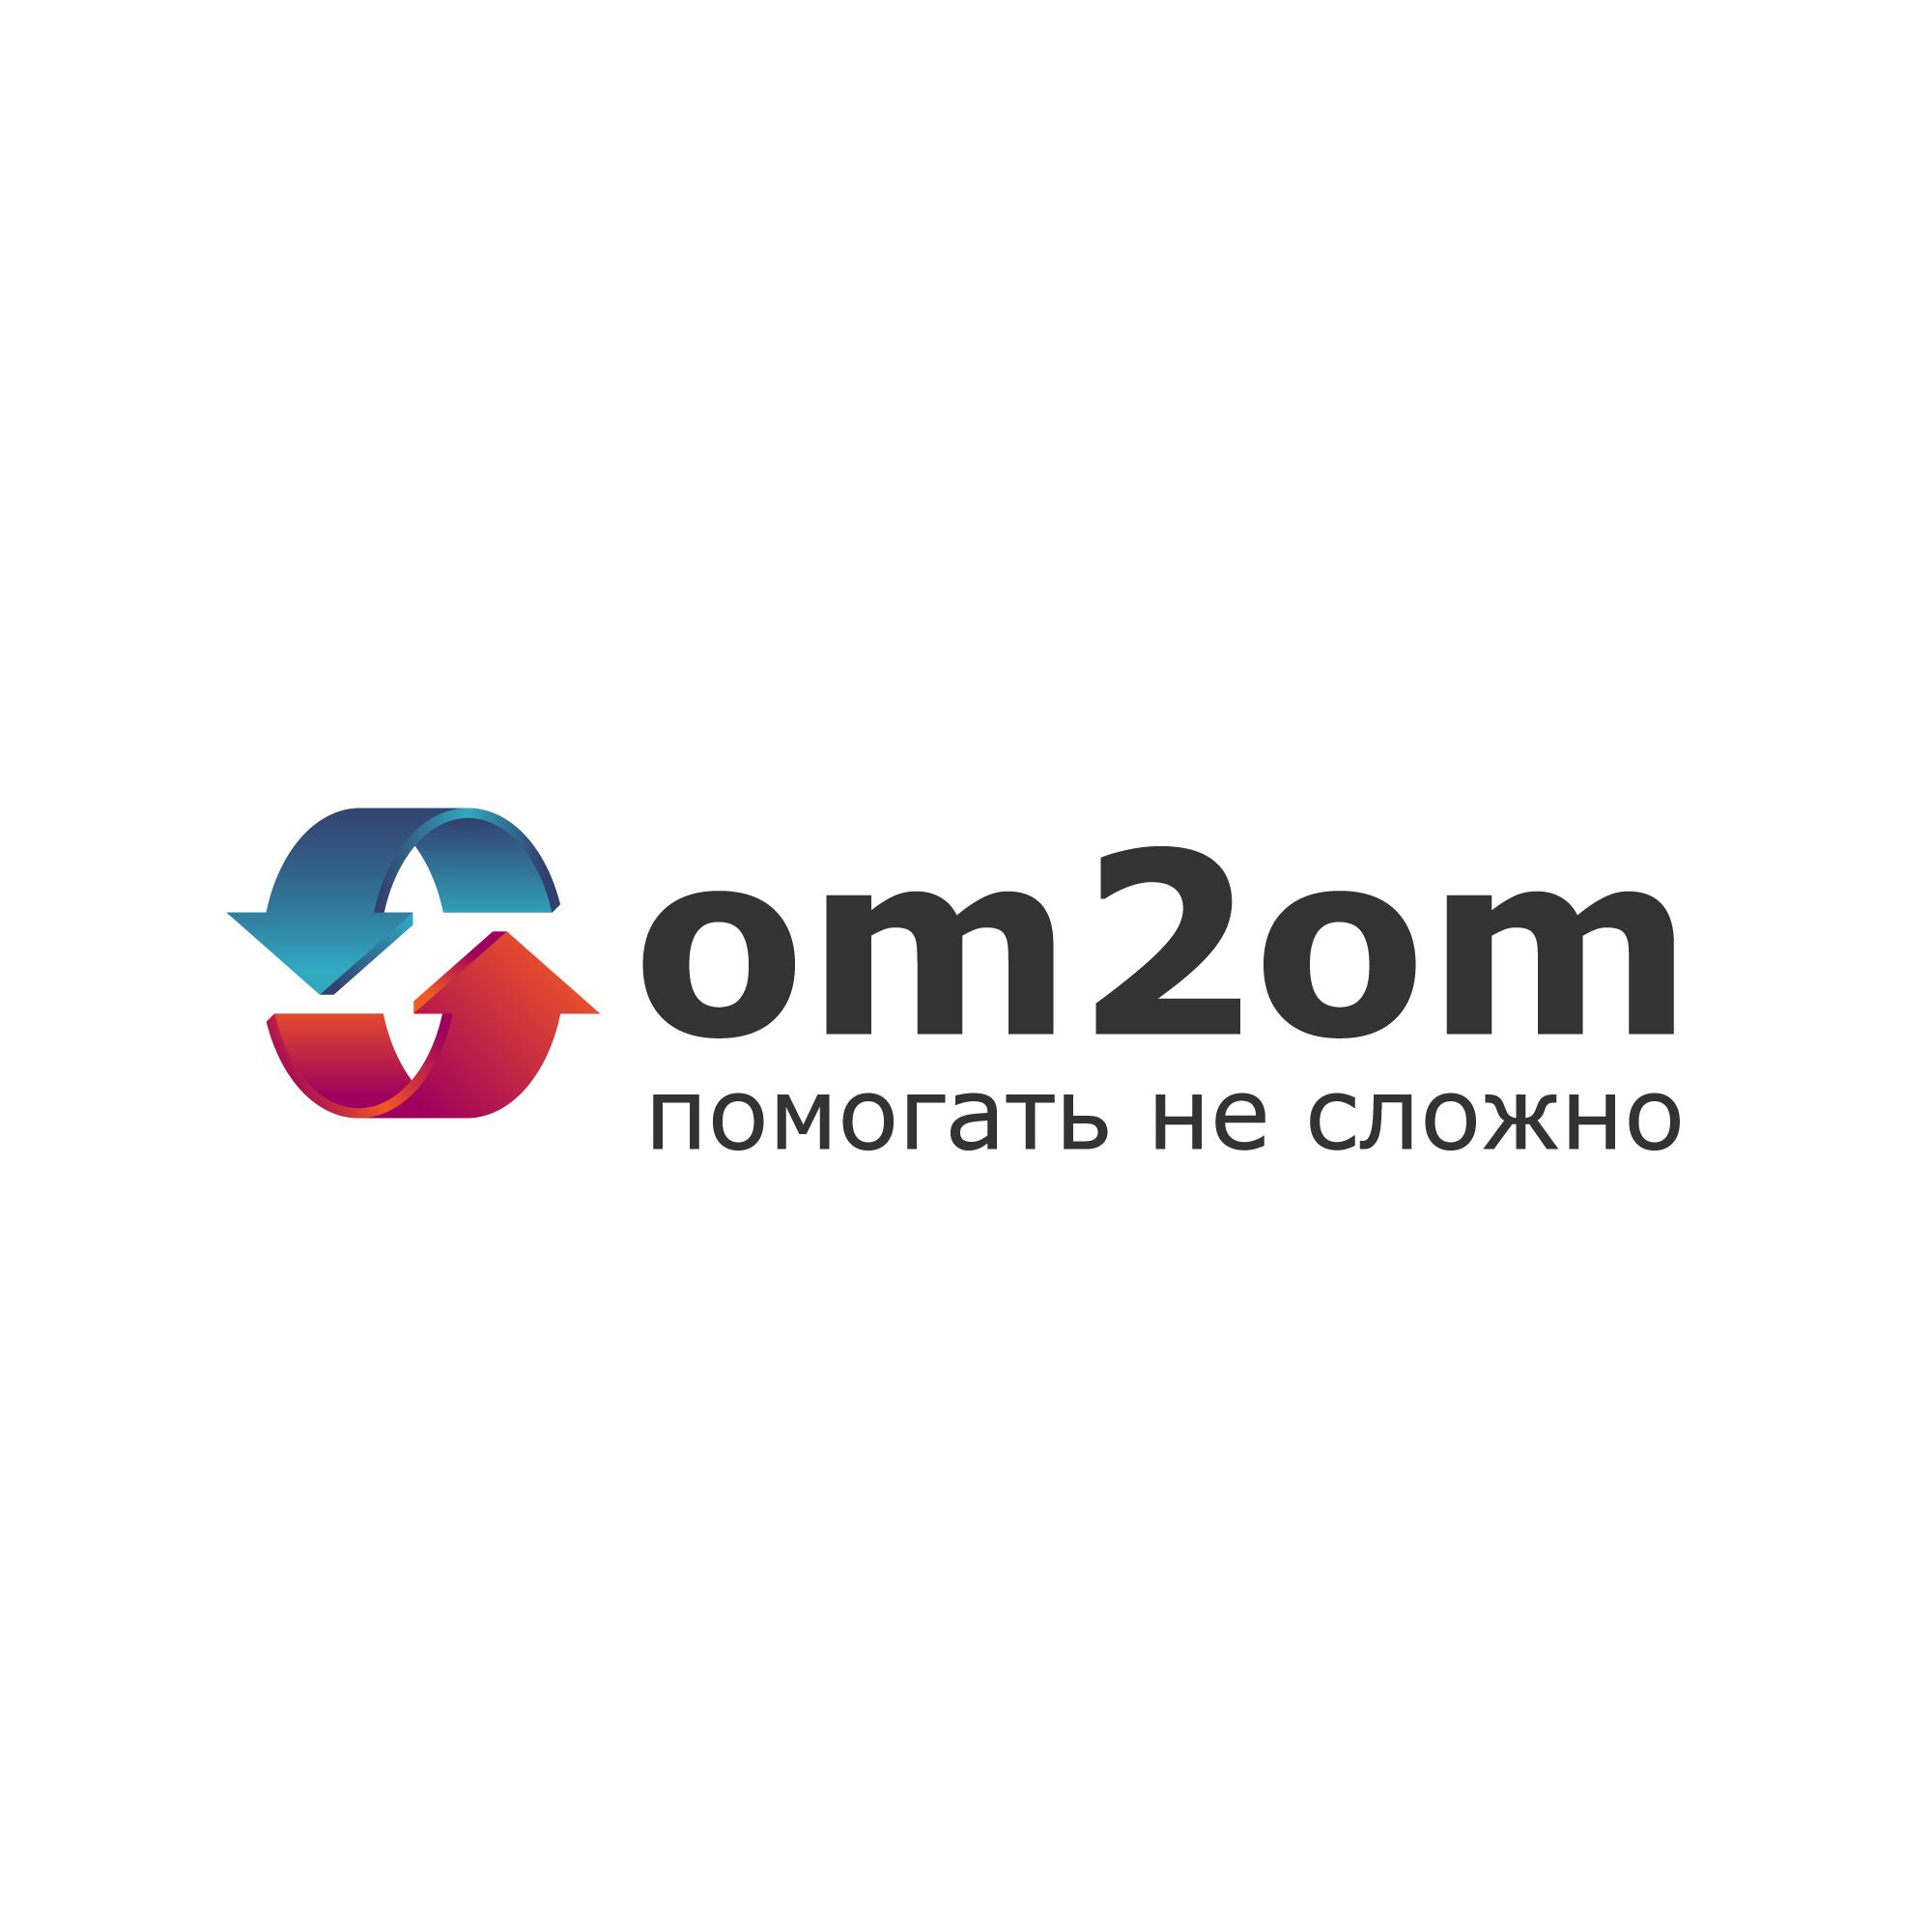 Разработка логотипа для краудфандинговой платформы om2om.md фото f_4595f5bfa3553aaf.jpg